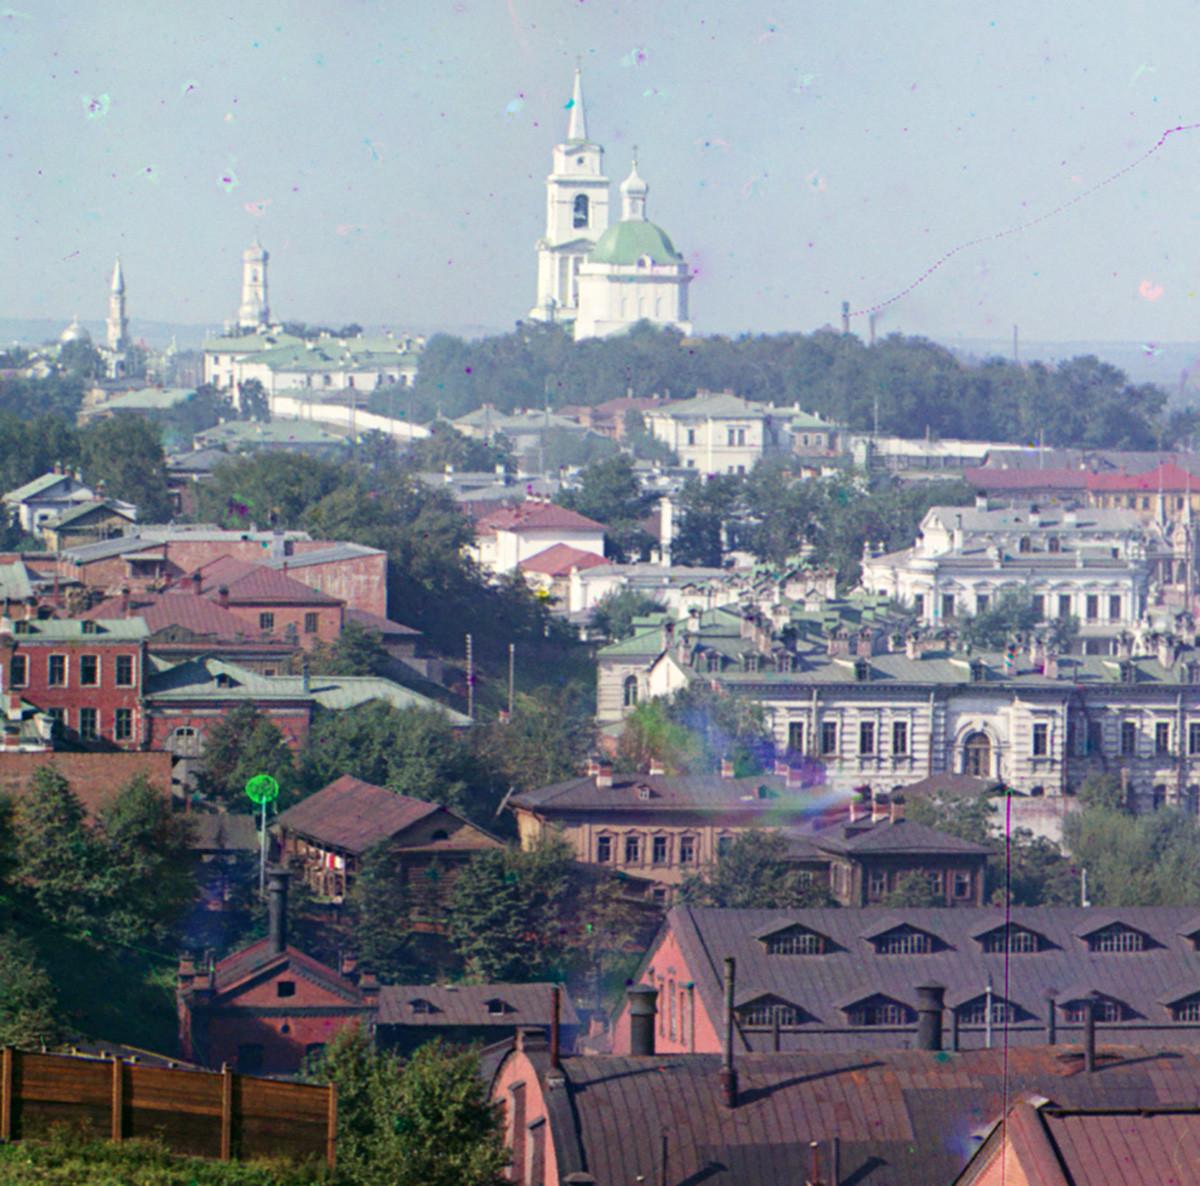 En arrière-plan, en partant de la gauche: le minaret de la mosquée centrale, le clocher de la Cathédrale de la Sainte-Trinité. Au centre: cathédrale de la Transfiguration du Sauveur. Au second plan, à droite: le côté et arrière de la maison de Mechkov.